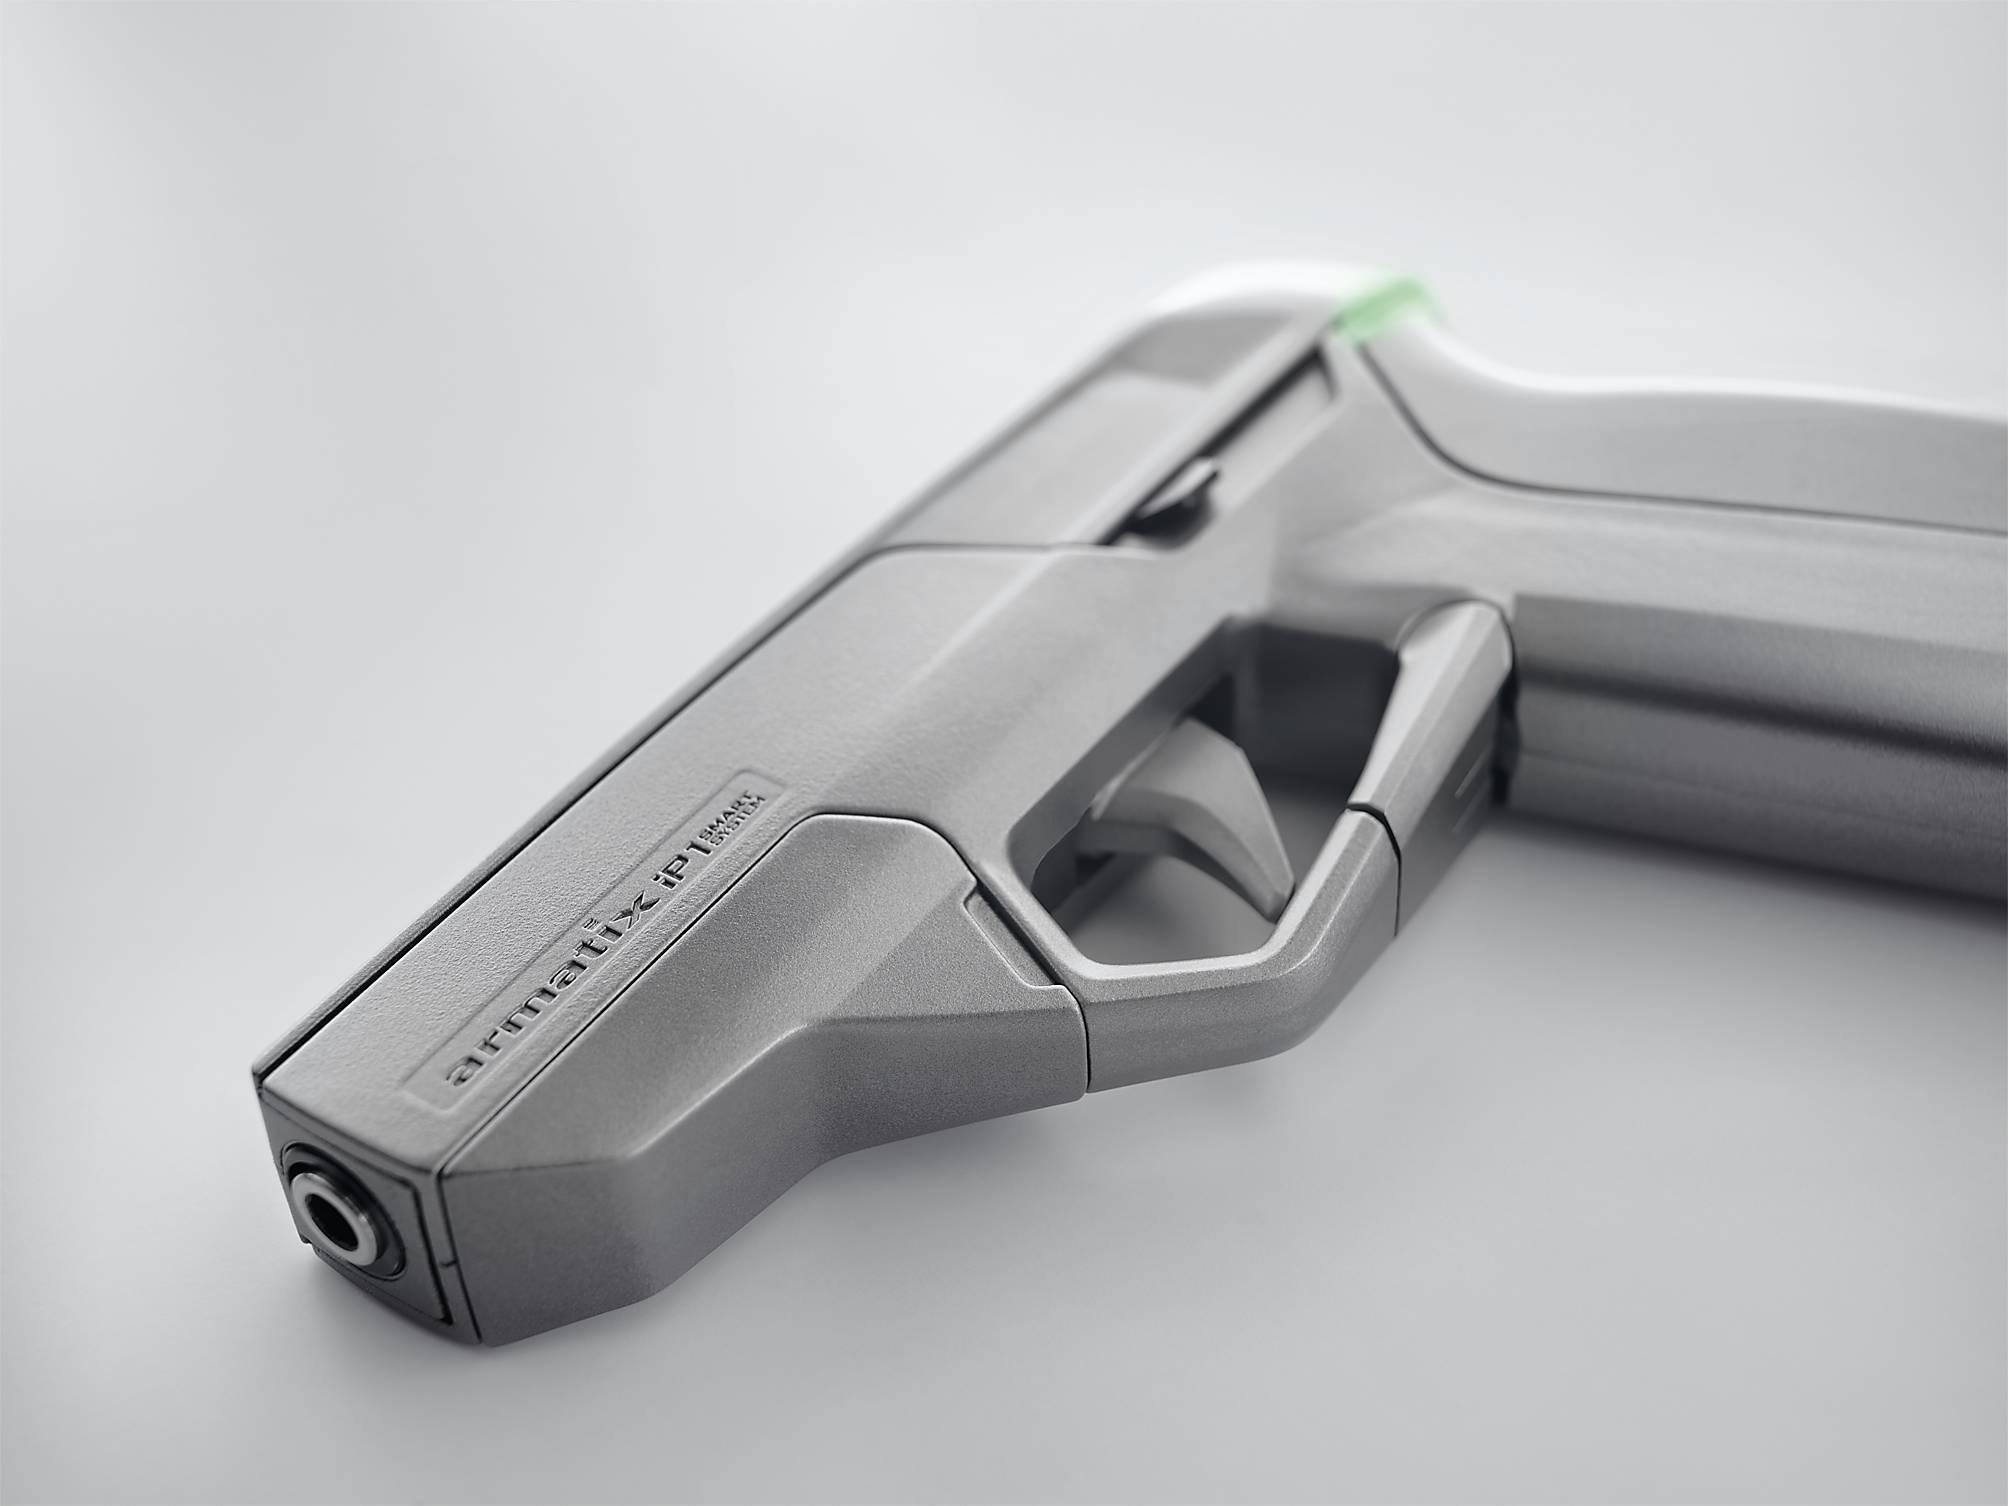 how �smart� gun technology could help make guns safer